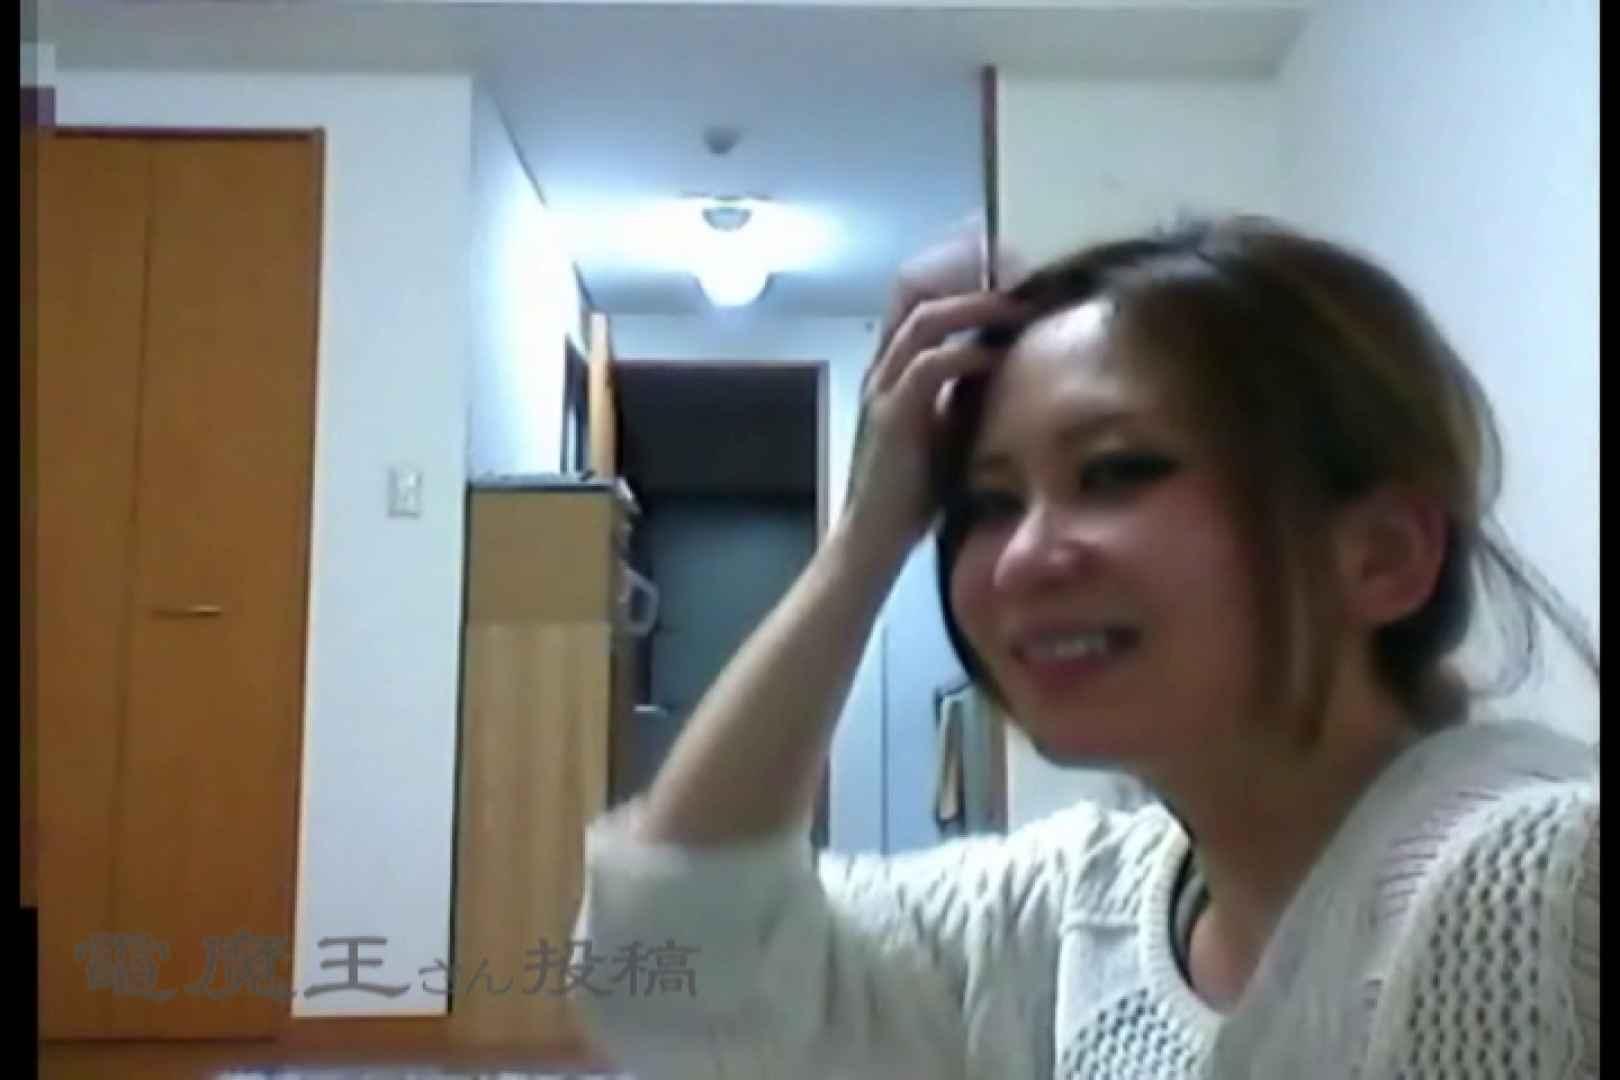 電魔王さんの「隠撮の部屋」カエデ 美女 | 隠撮  29連発 23